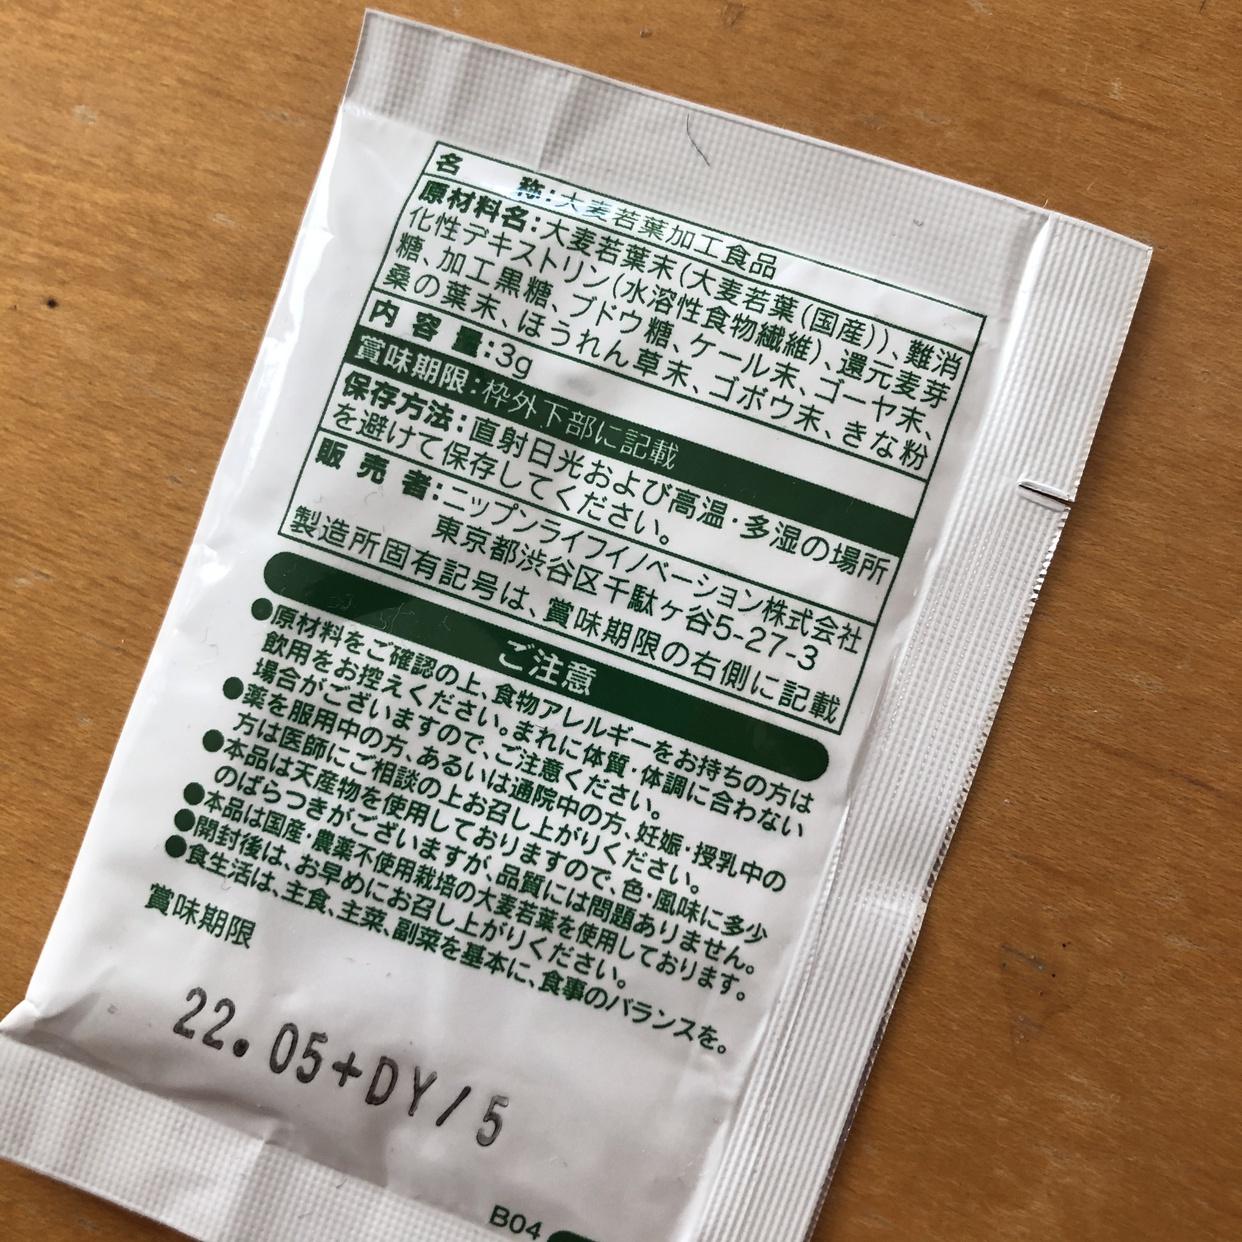 ニップン 国産大麦若葉青汁を使ったx15256さんのクチコミ画像2